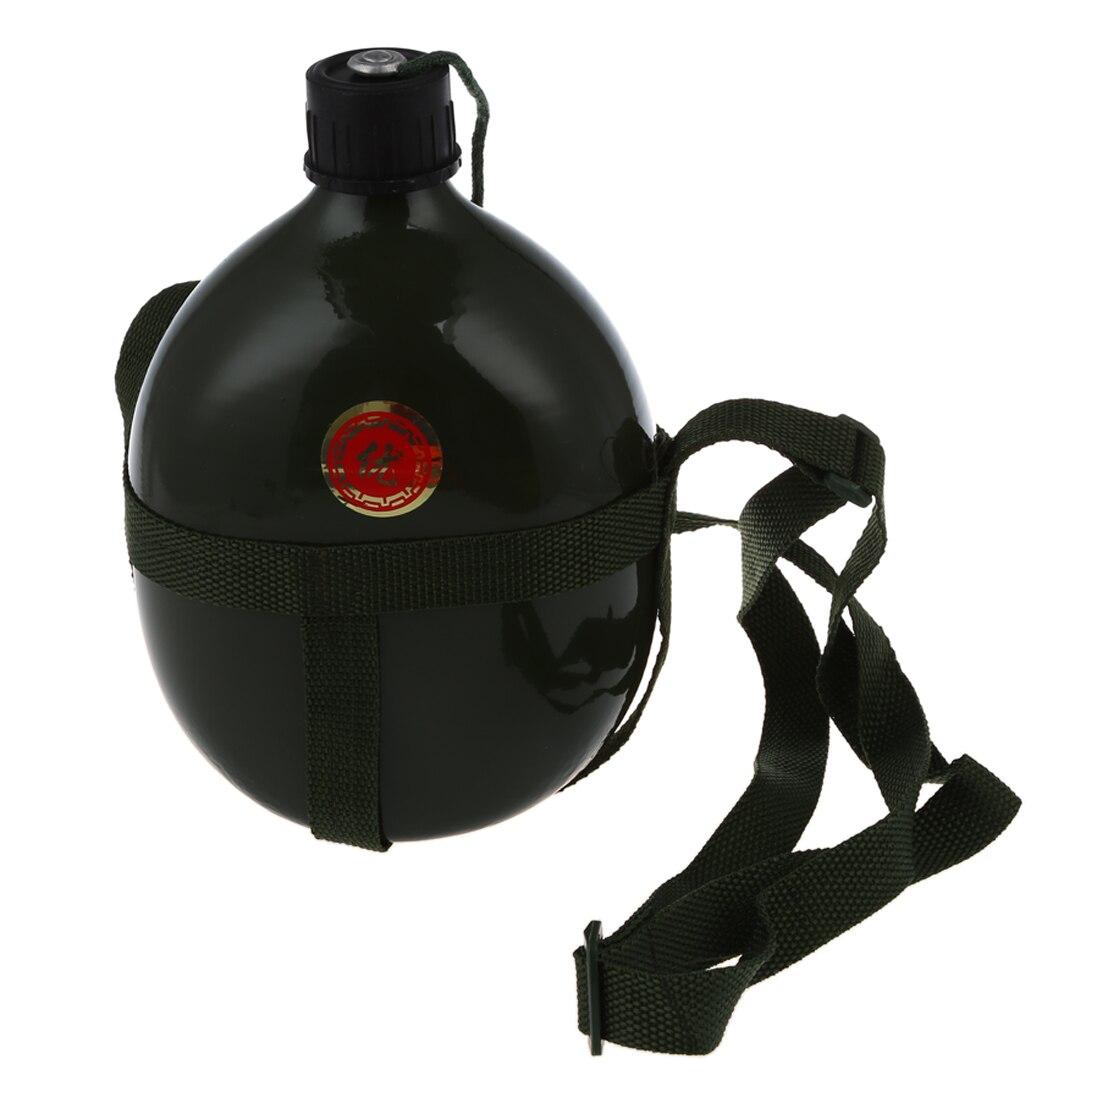 Prático 1.5l alumínio militar garrafa de água com alça de ombro militar do exército cantina